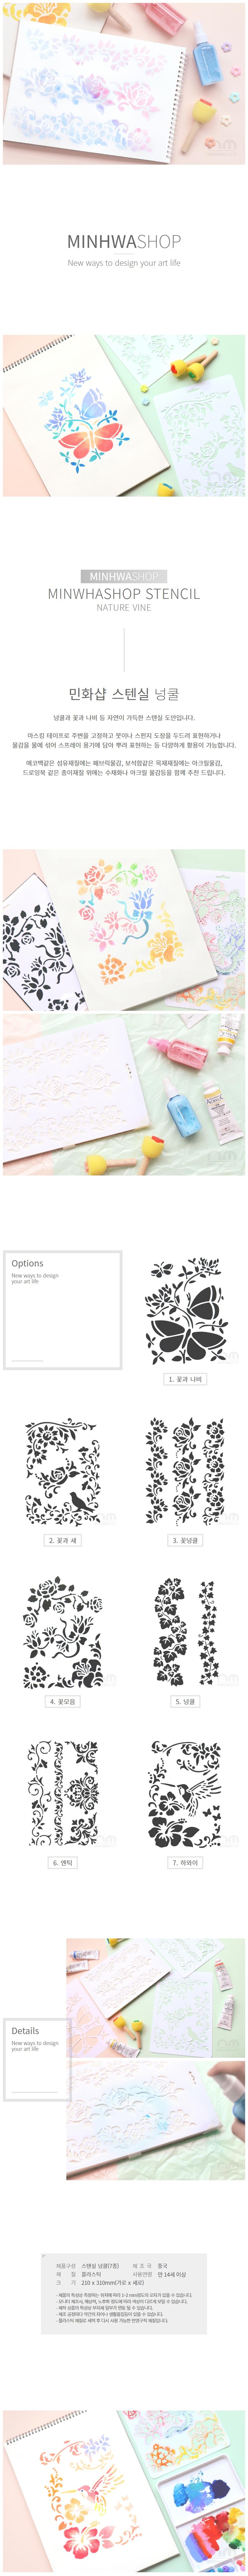 넝쿨 스텐실도안 꽃과새 등7종류 - 민화샵, 600원, 벽시/시트지, 디자인 시트지